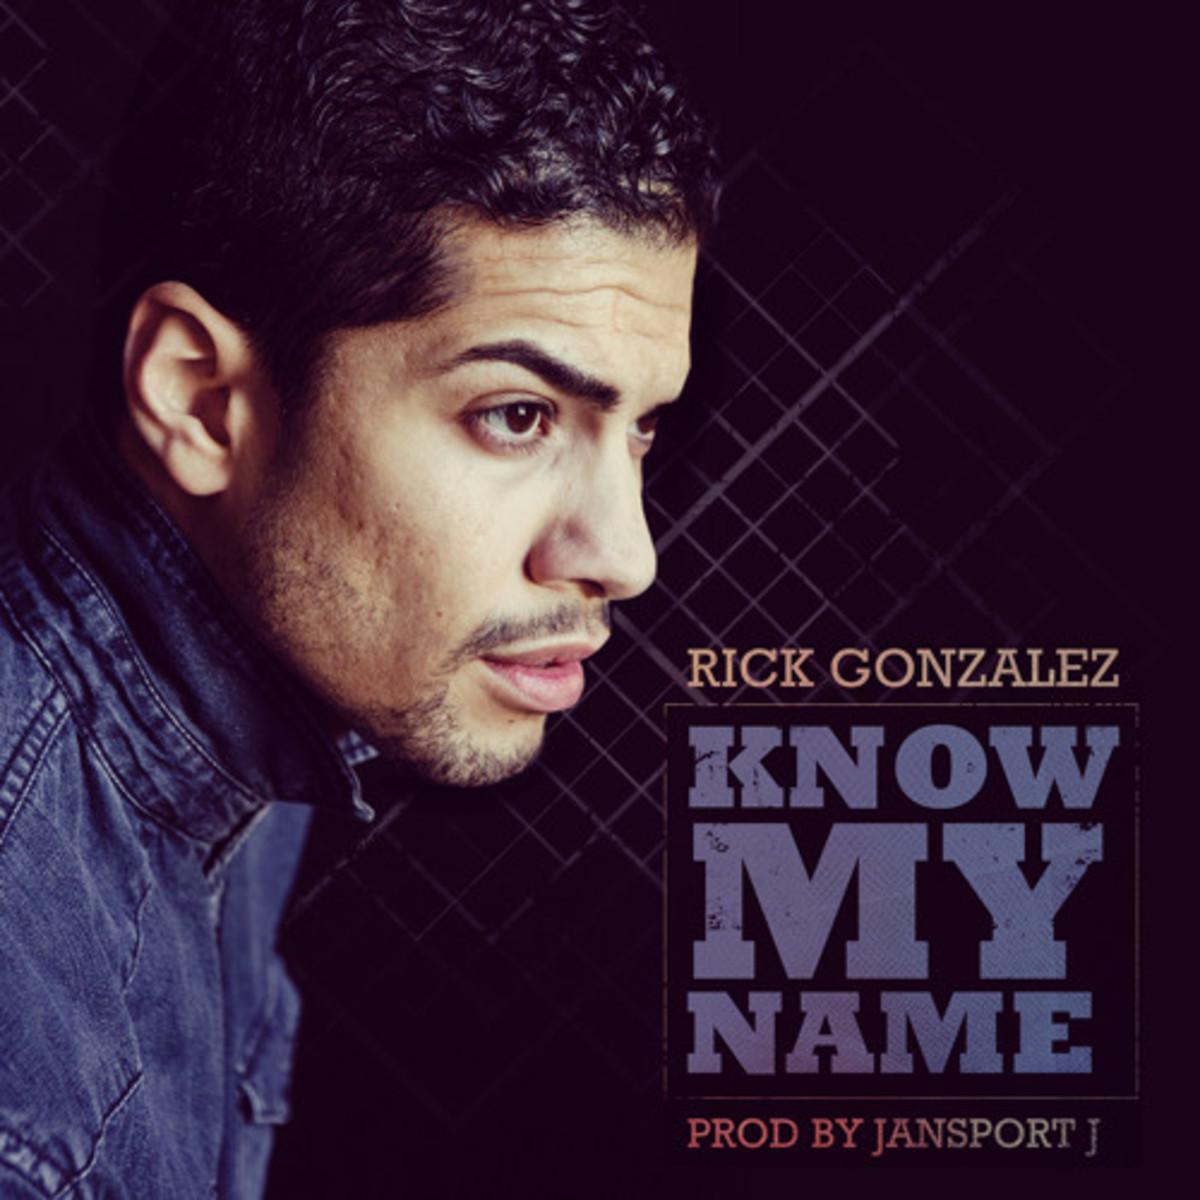 rick-gonzalez-know-my-name1.jpg